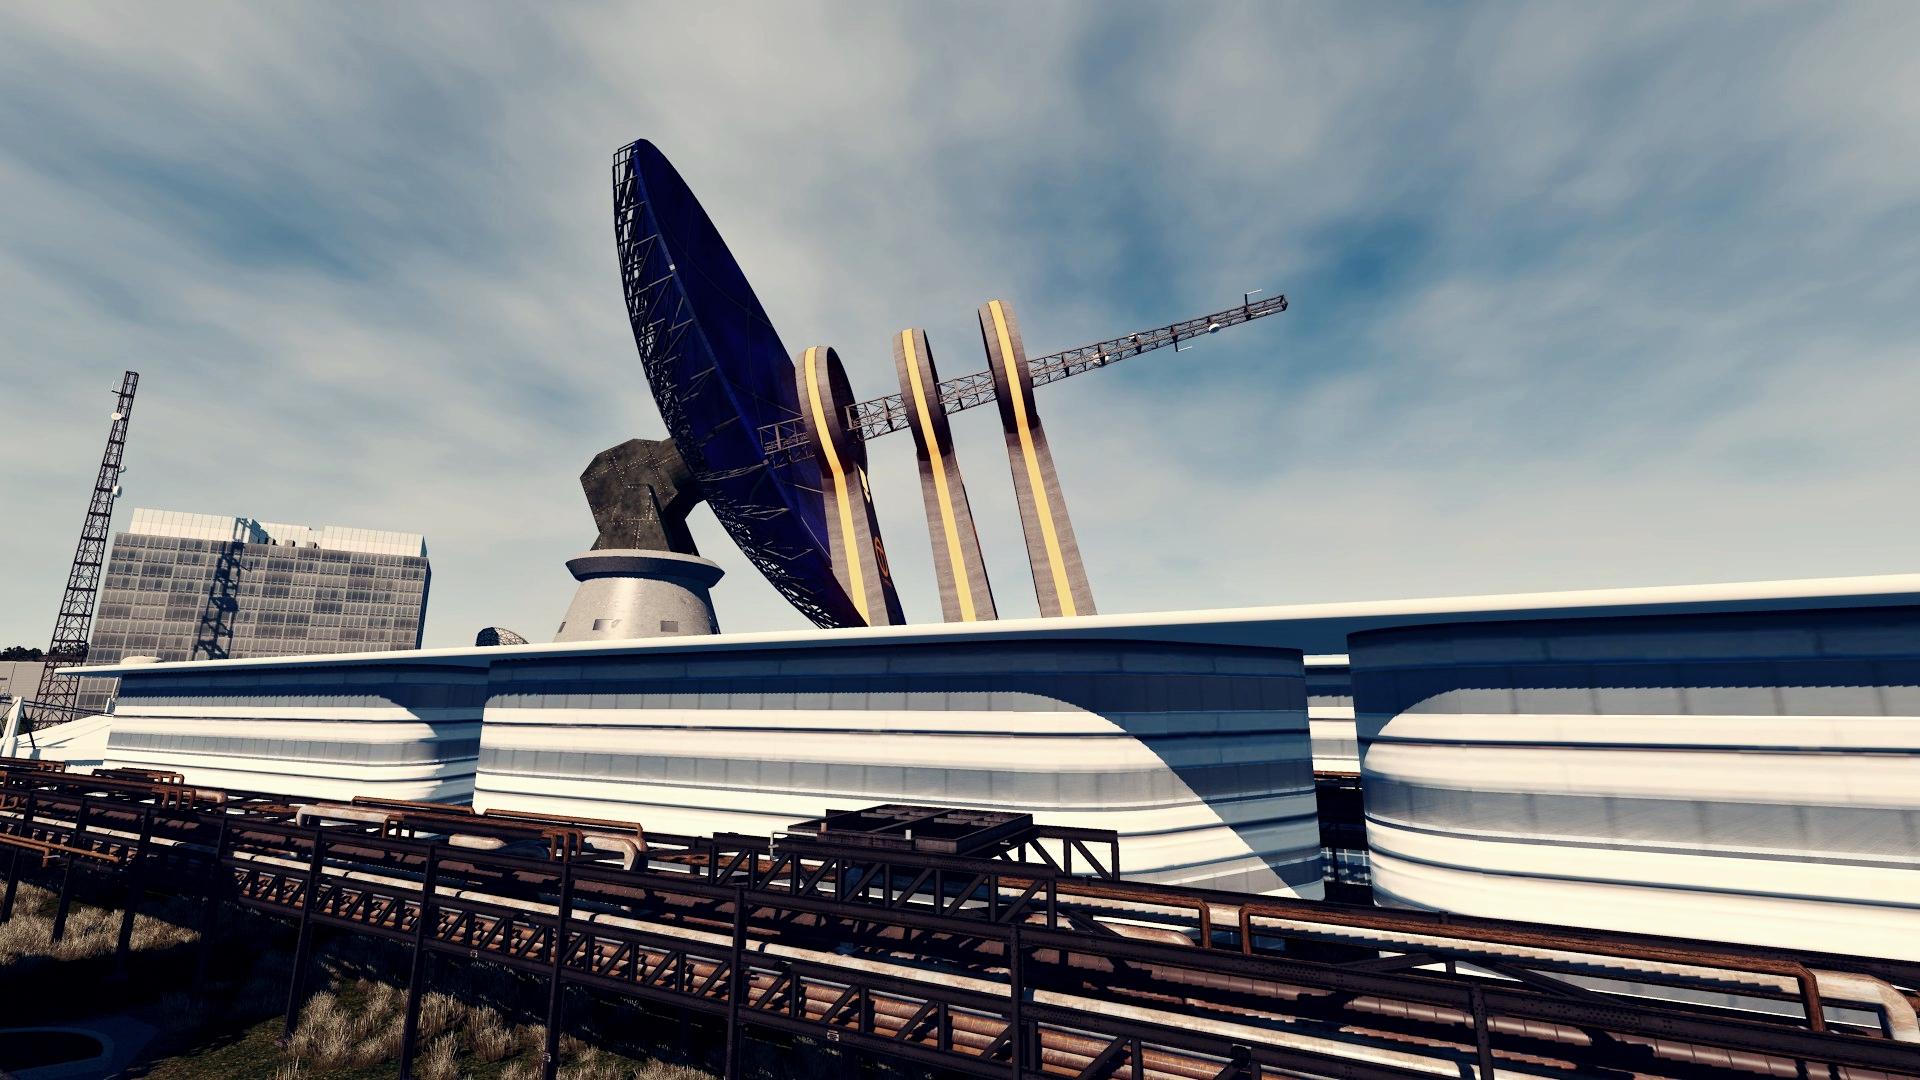 Djavolja Varos. (Maj complexe pétrolier p6, par industriel p5) à mettre à la corbeille sv 180821041708245764